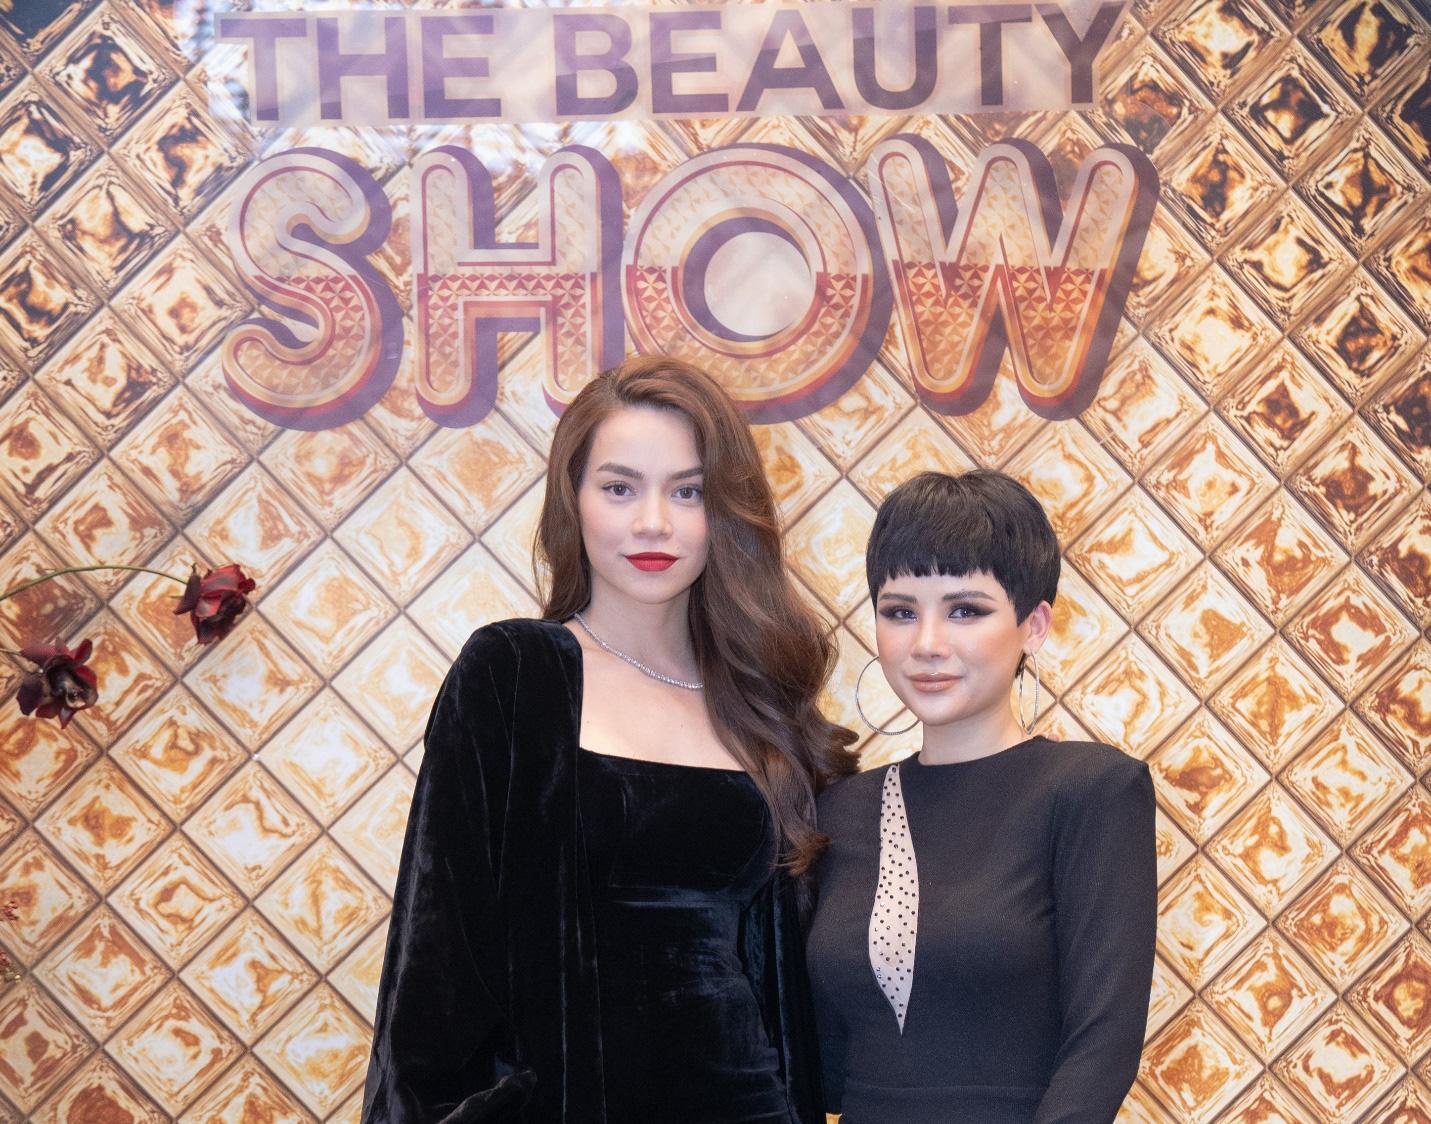 """Hà Hồ hội ngộ DJ Kuns tại """"The Beauty show"""" - Ảnh 1."""